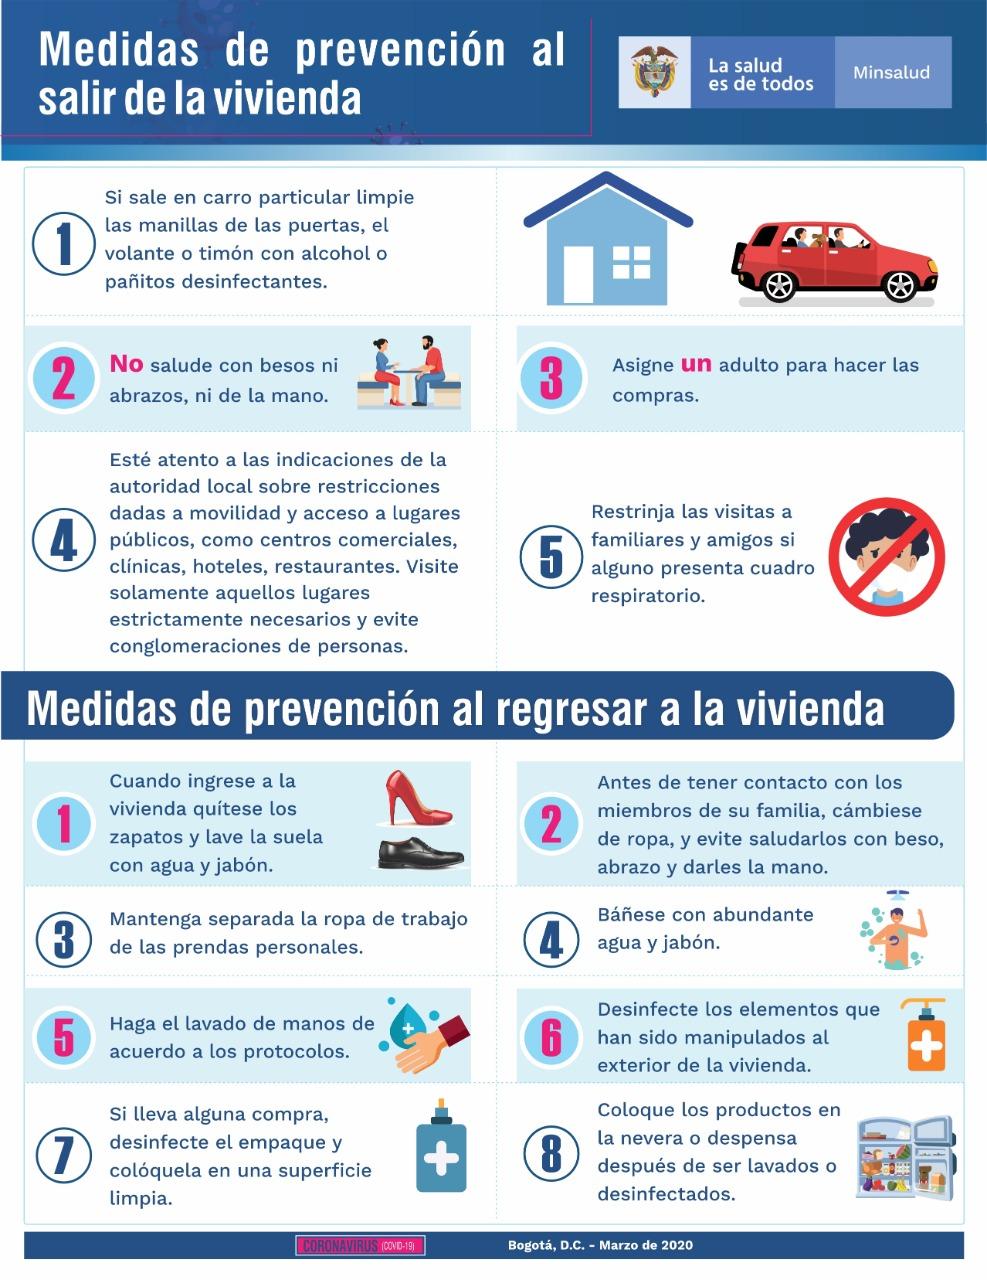 Medidas de prevención al salir de la vivienda